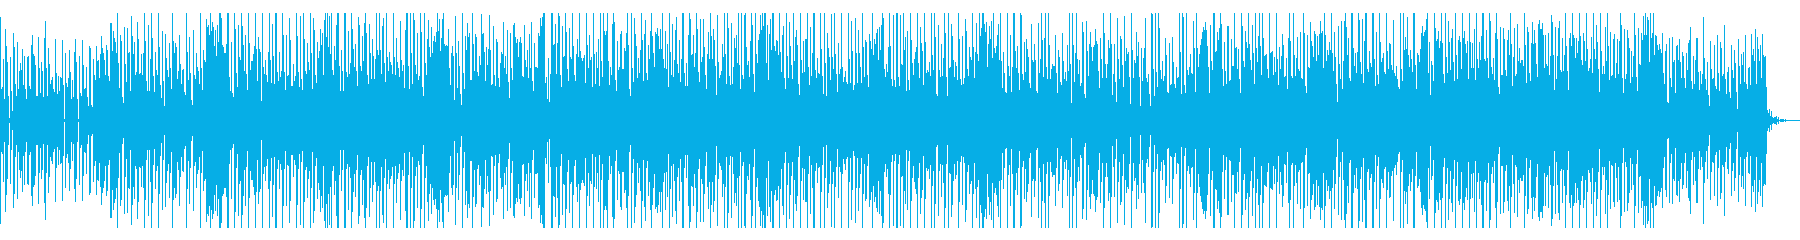 切なくカッコよく怪しげな雰囲気のある曲の再生済みの波形